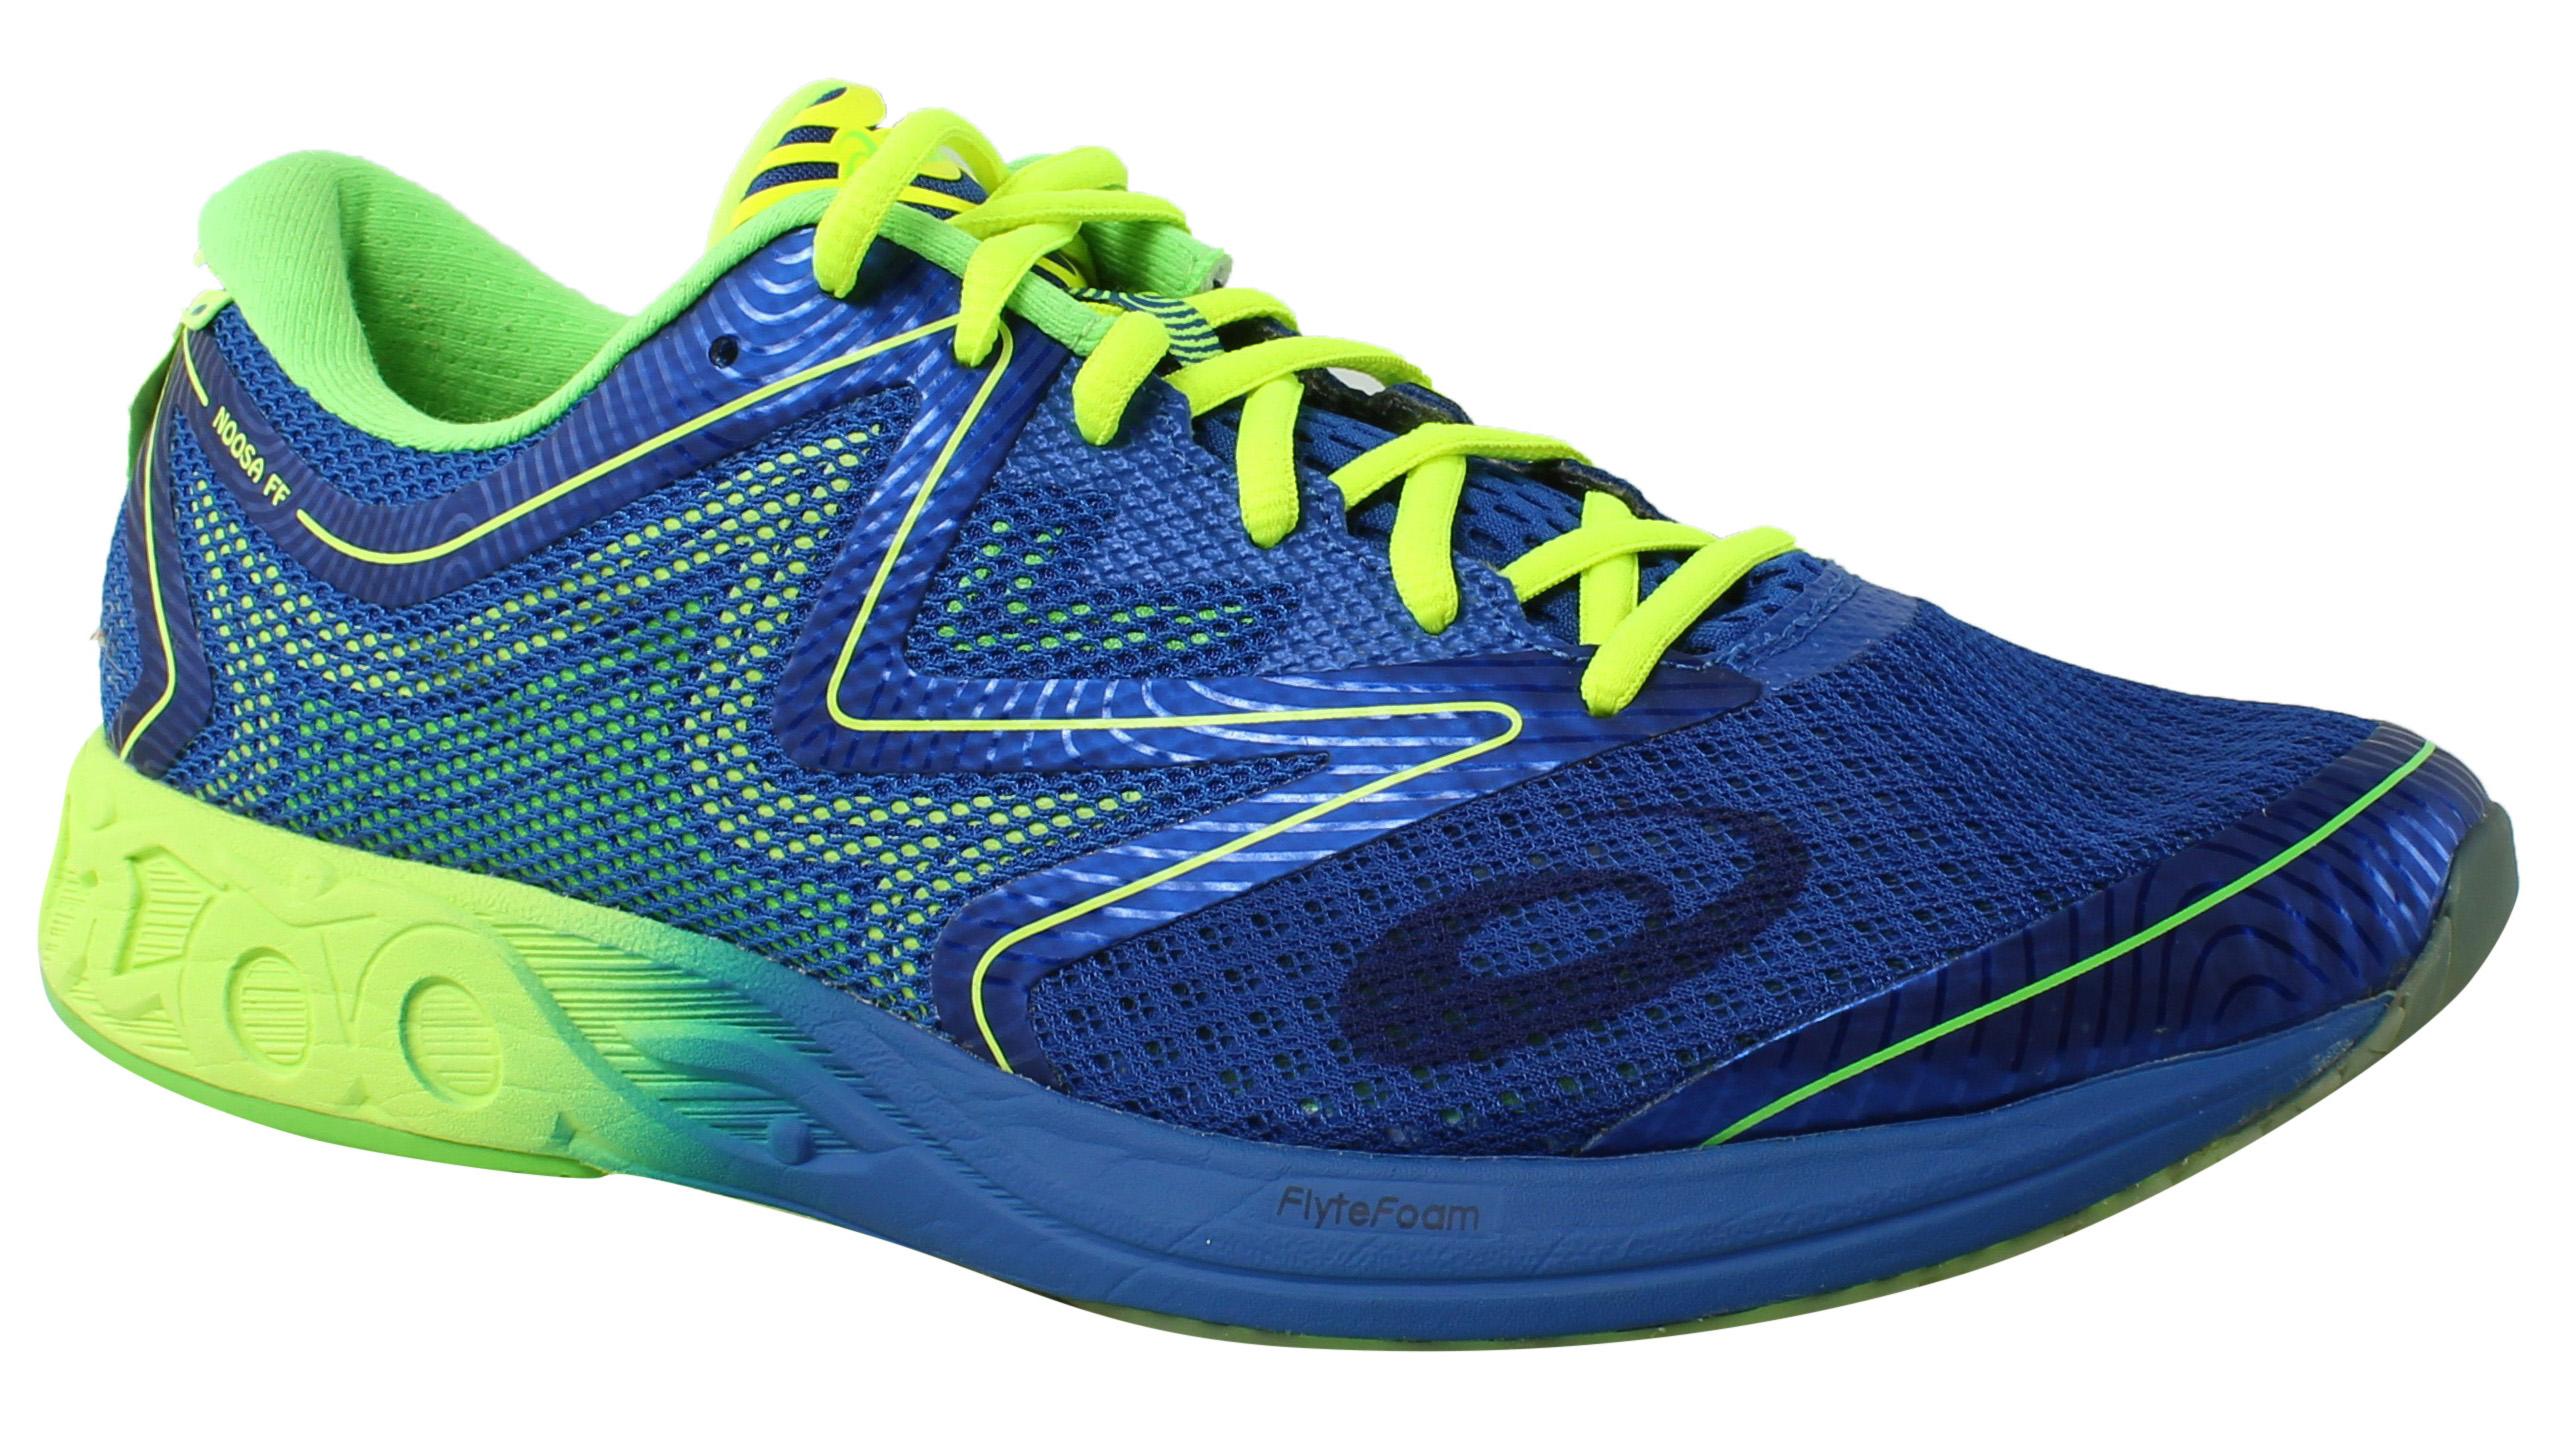 ASICS  Schuhes Uomo - Imperial/SafetyYellow/GreenGecko Running Schuhes  Größe 11 (347089) 939622